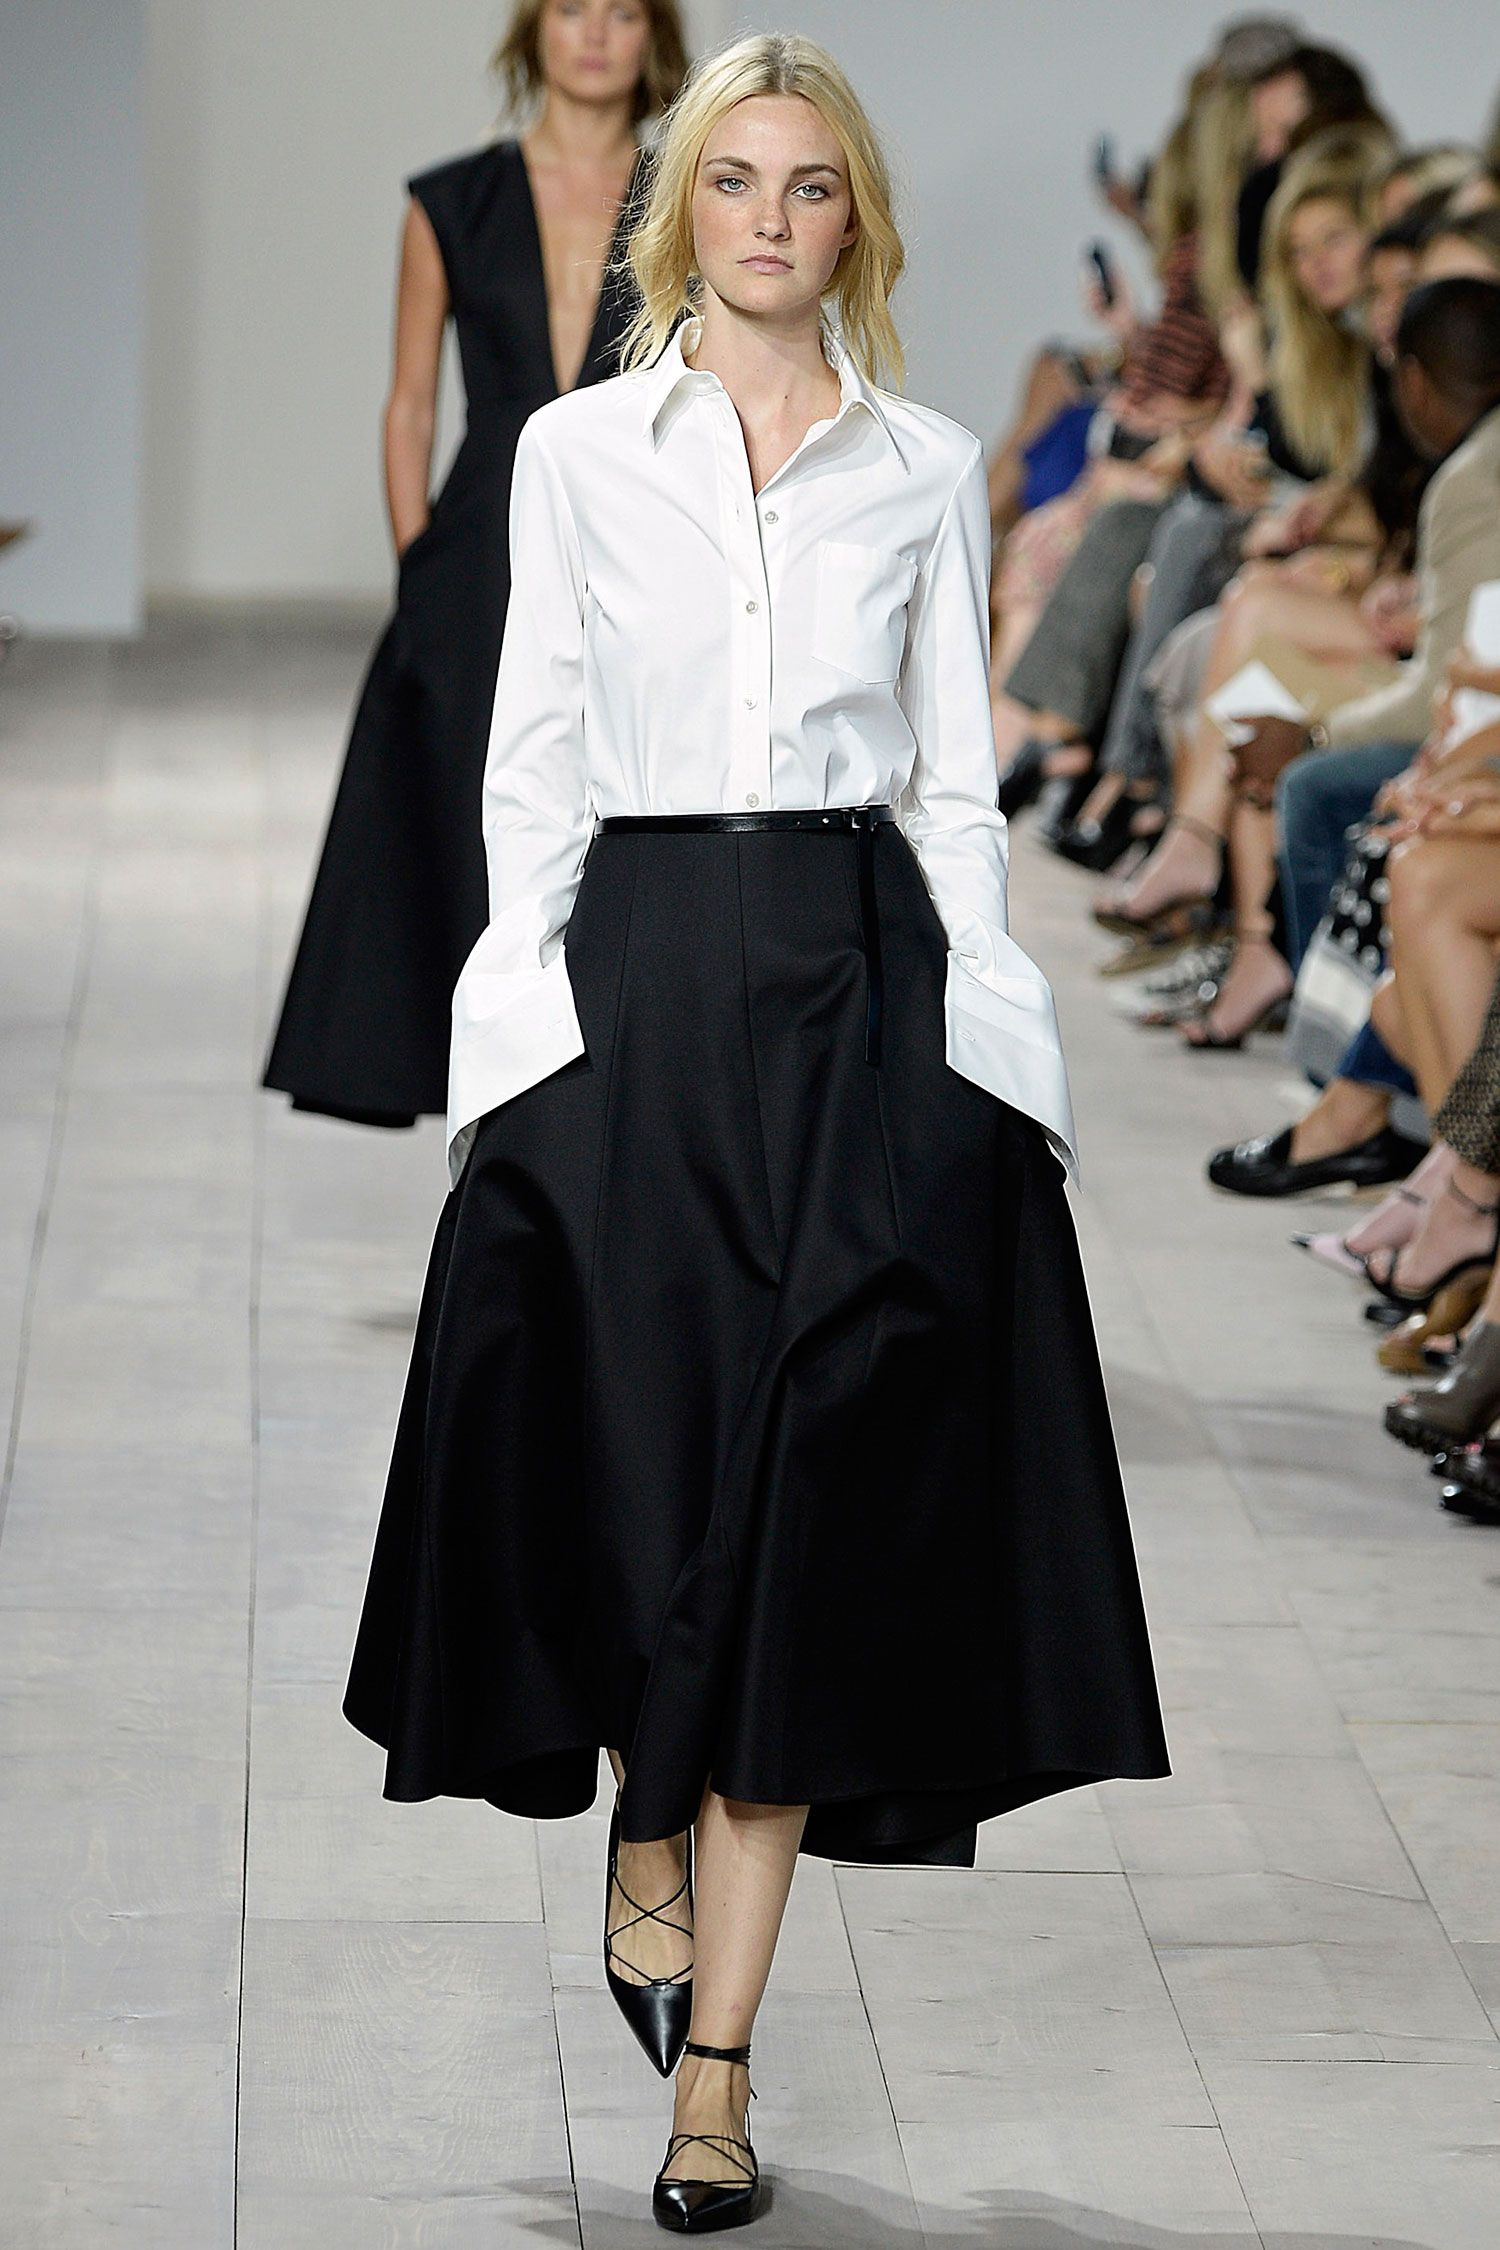 pics Pretty chic at New York Fashion Week